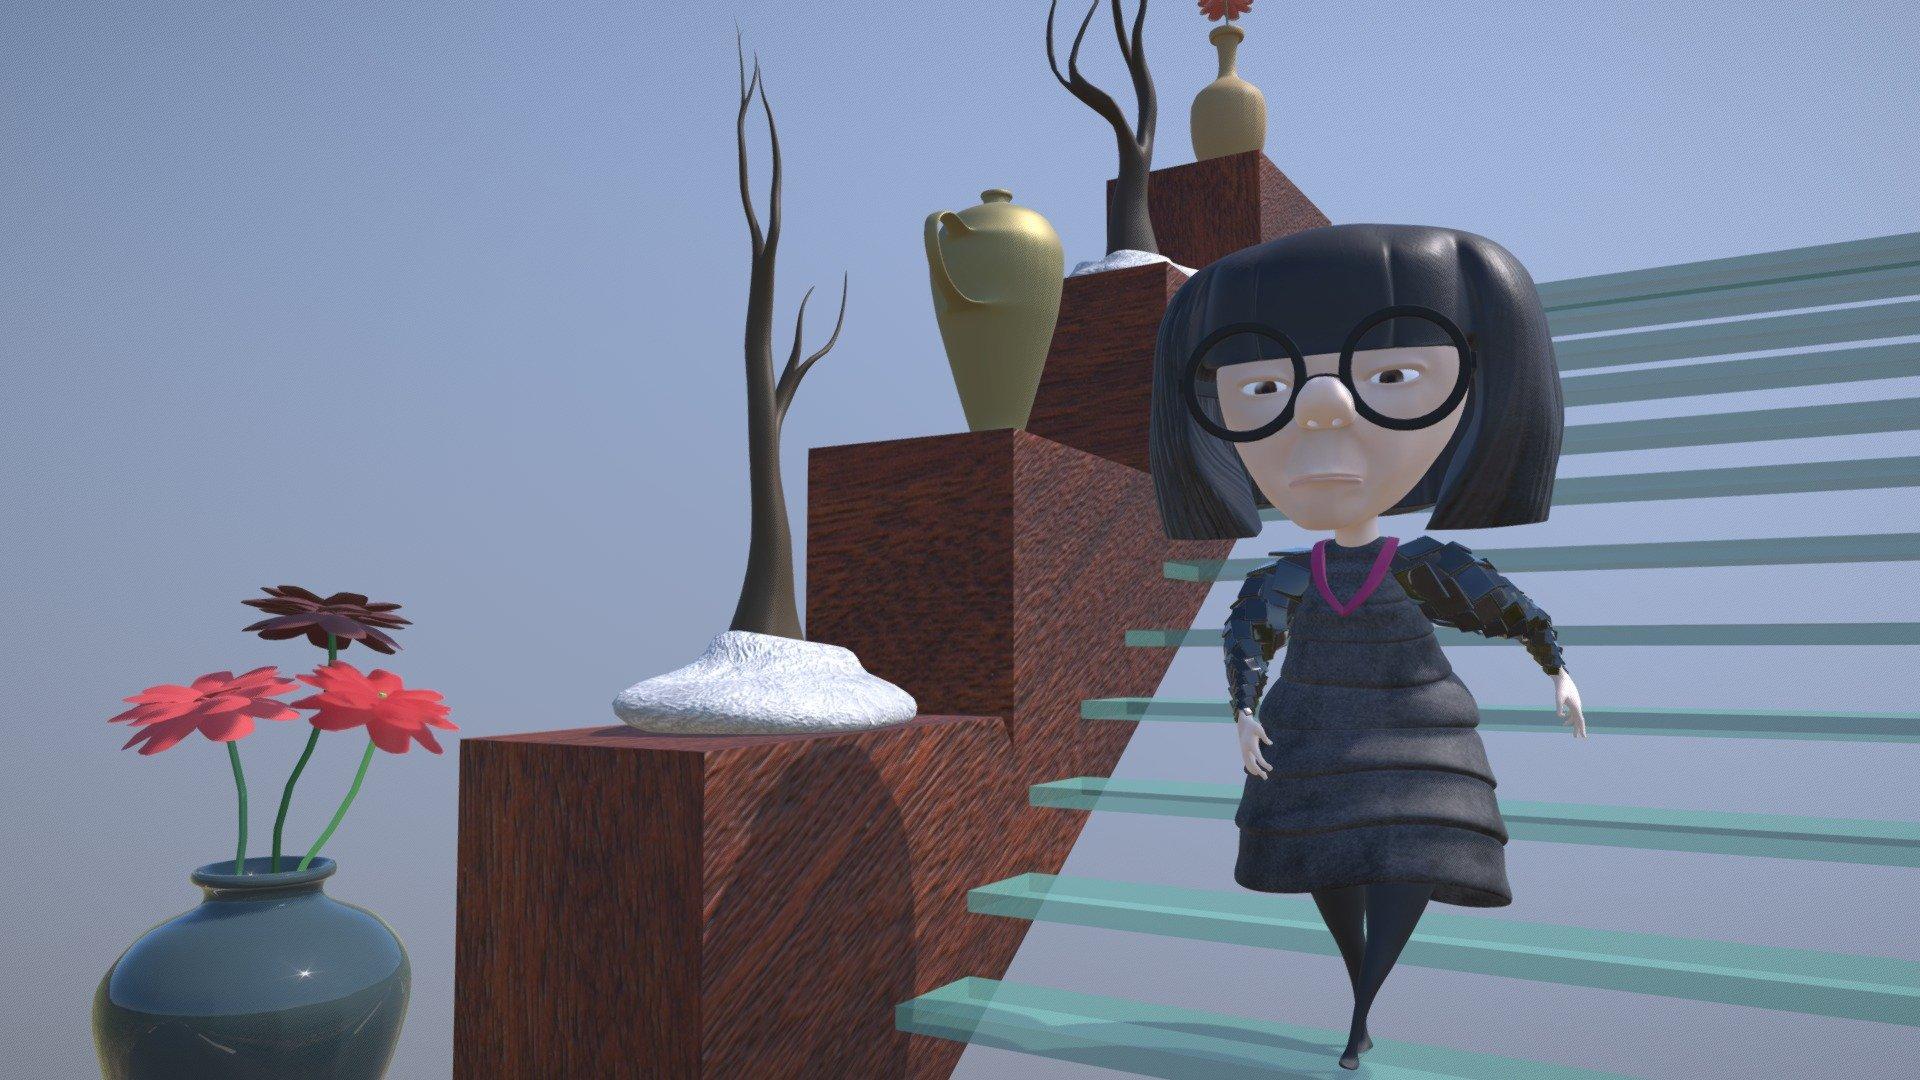 Edna Mode The Incredibles 3d Model By Oriolgarretabk Oriolgarrretabk Bcf1fc9 Sketchfab